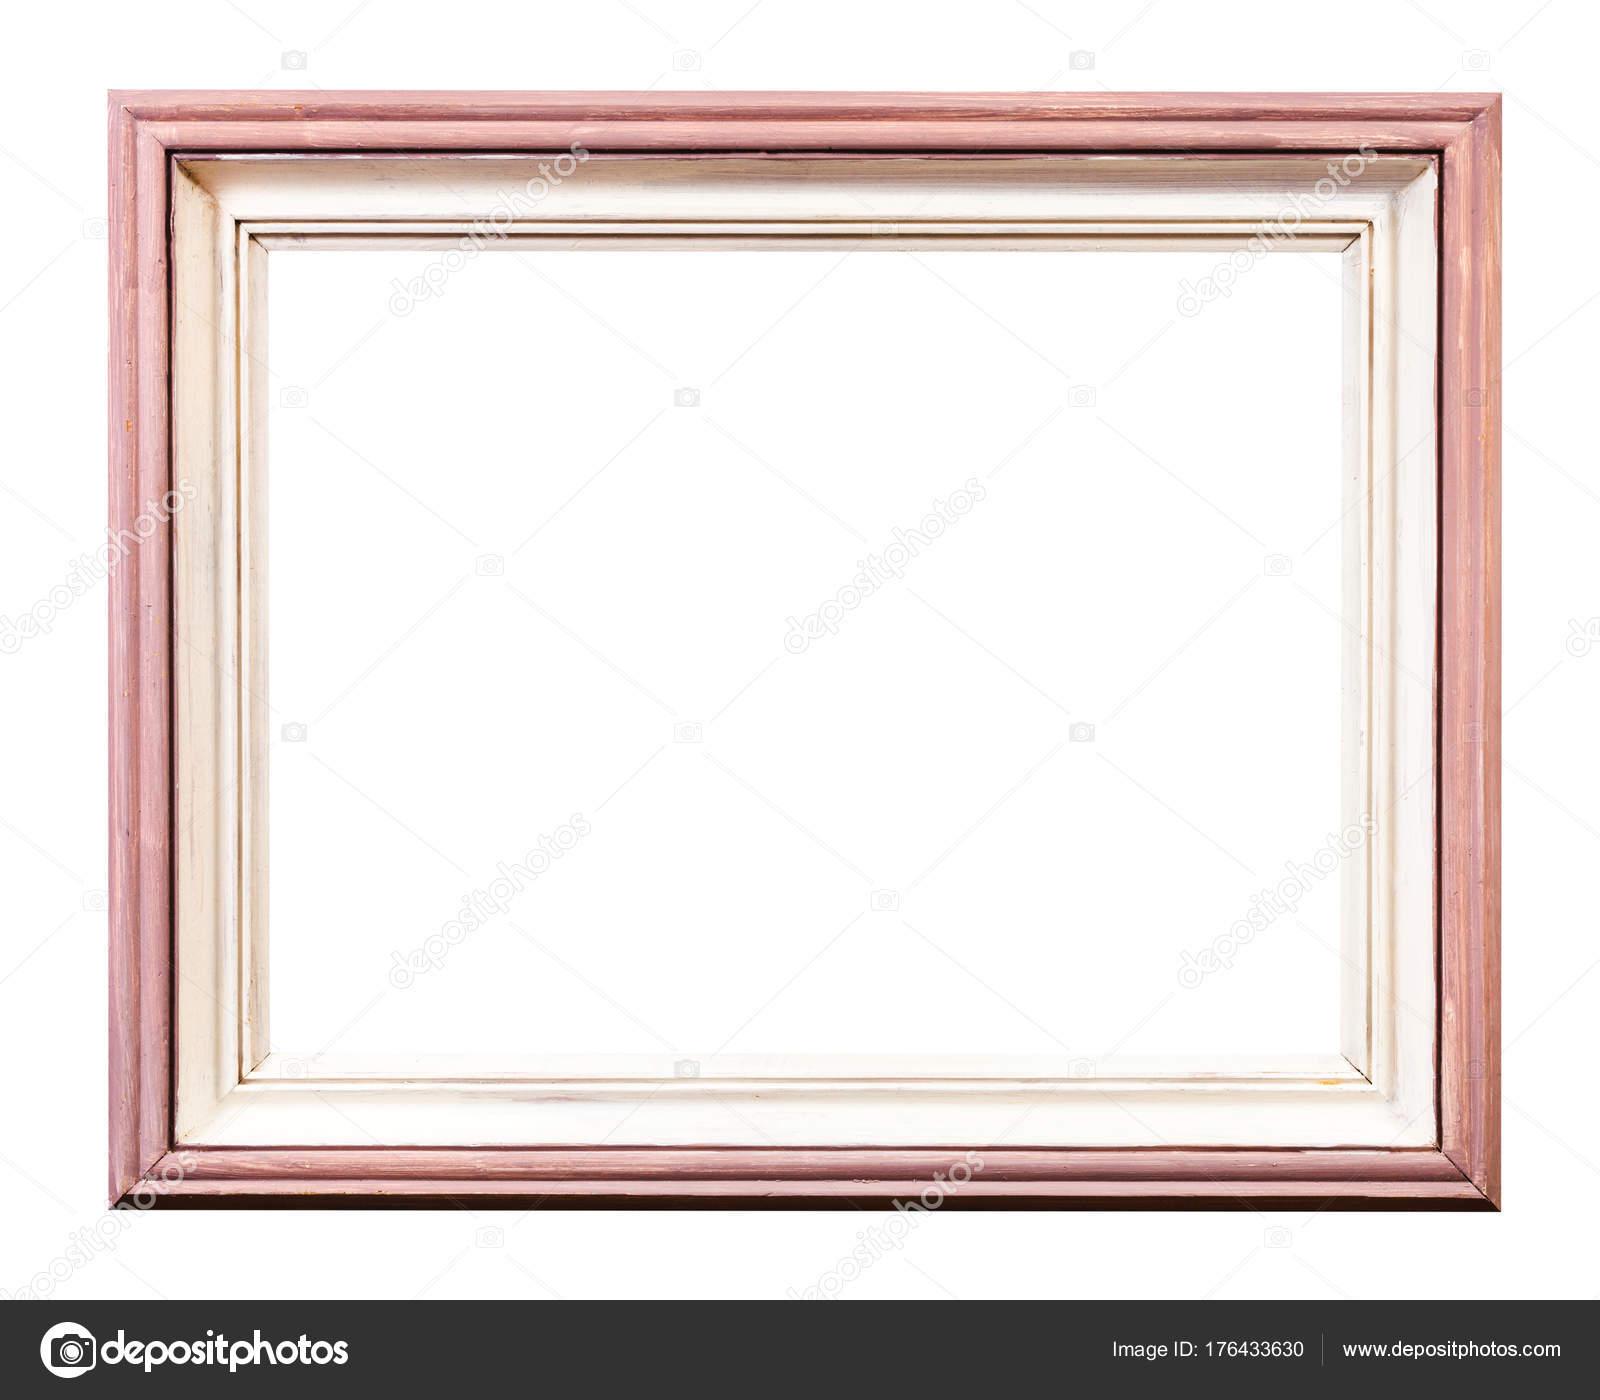 marco de cuadro de madera pintado de color rosa y blanco — Foto de ...